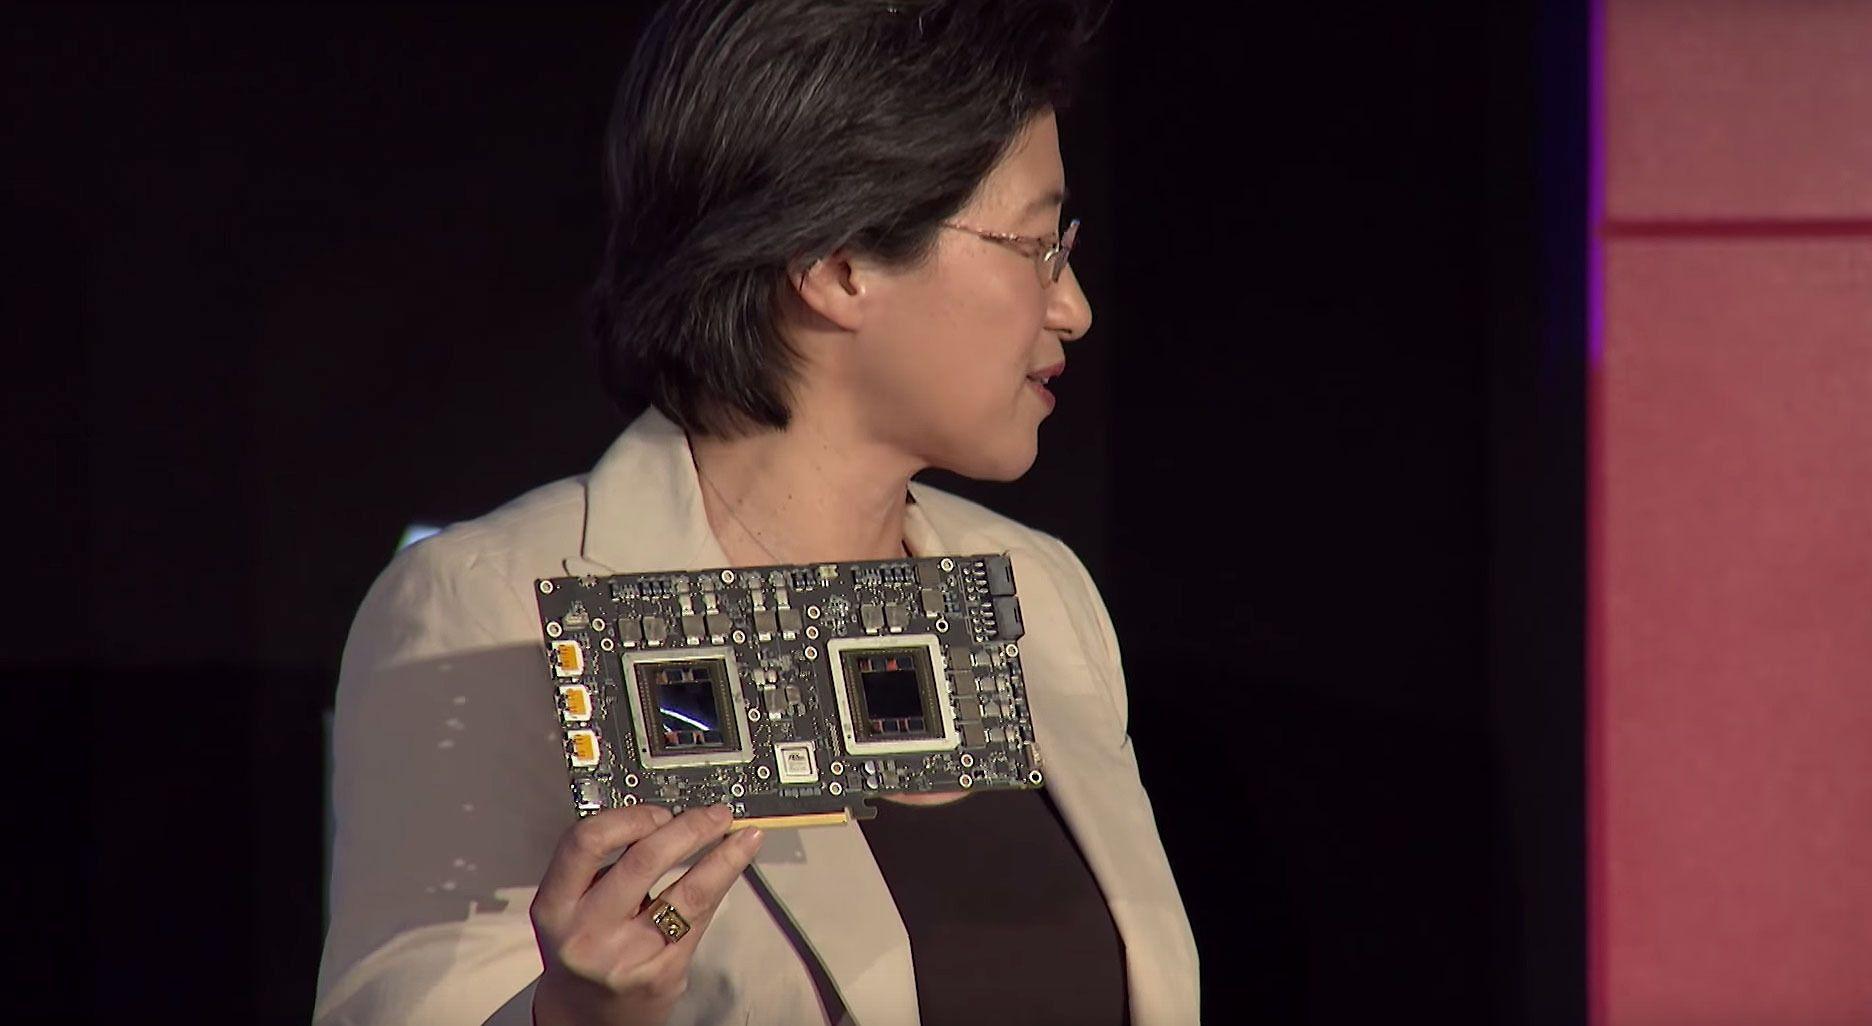 AMD Radeon R9 Gemini kan bli selskapets nye versting-kort